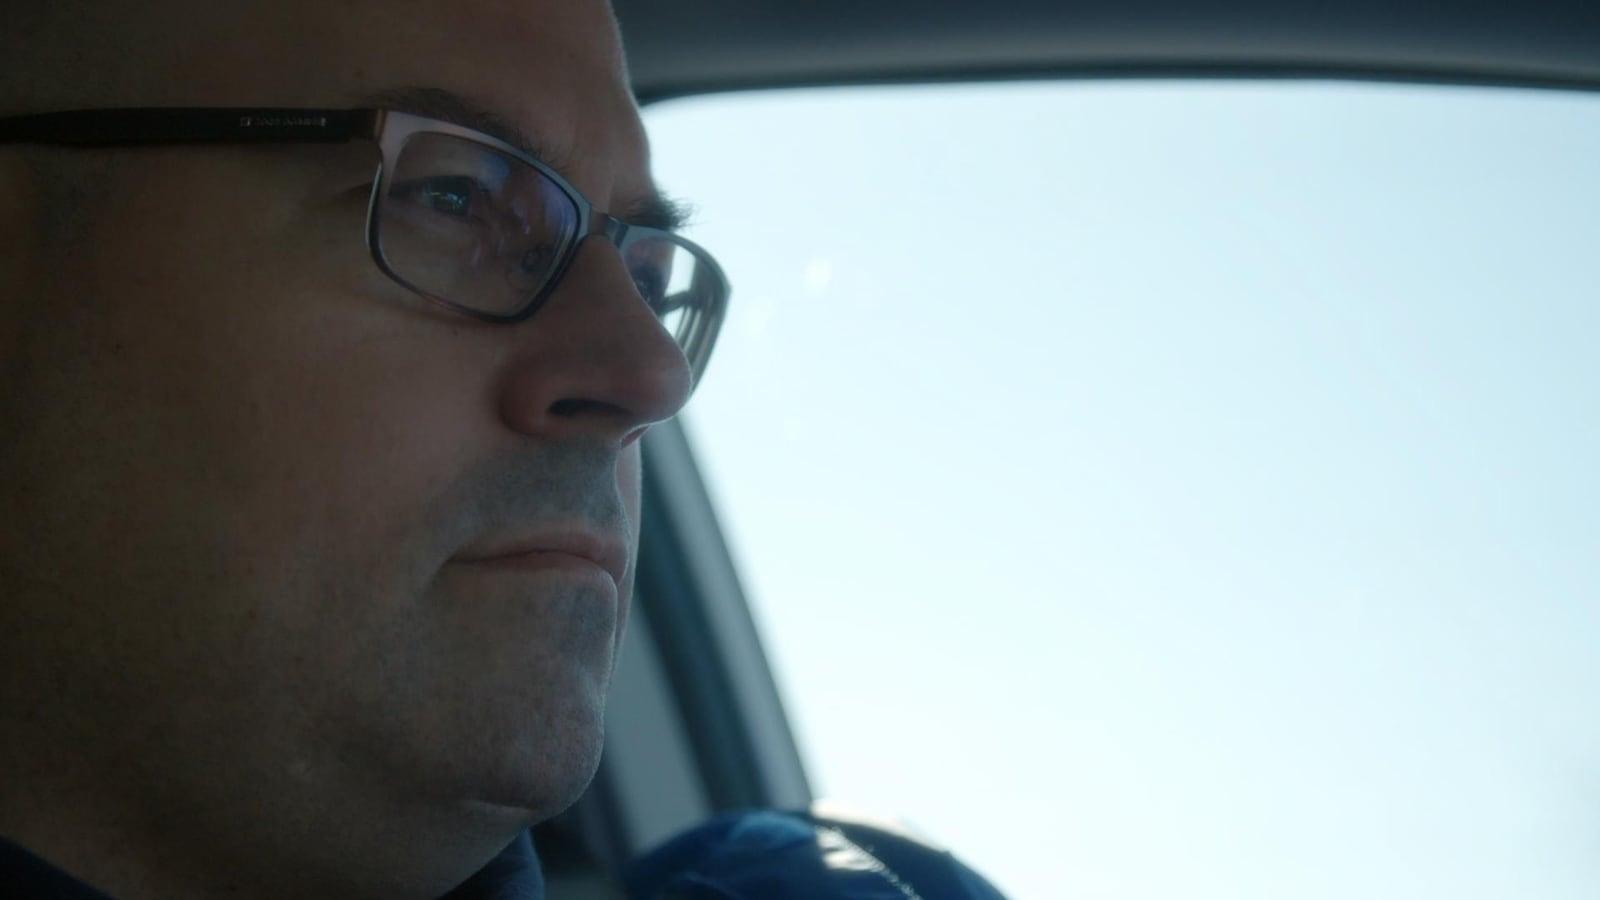 Dans une voiture, le visage d'un homme qui porte des lunettes et qui regarde au loin.